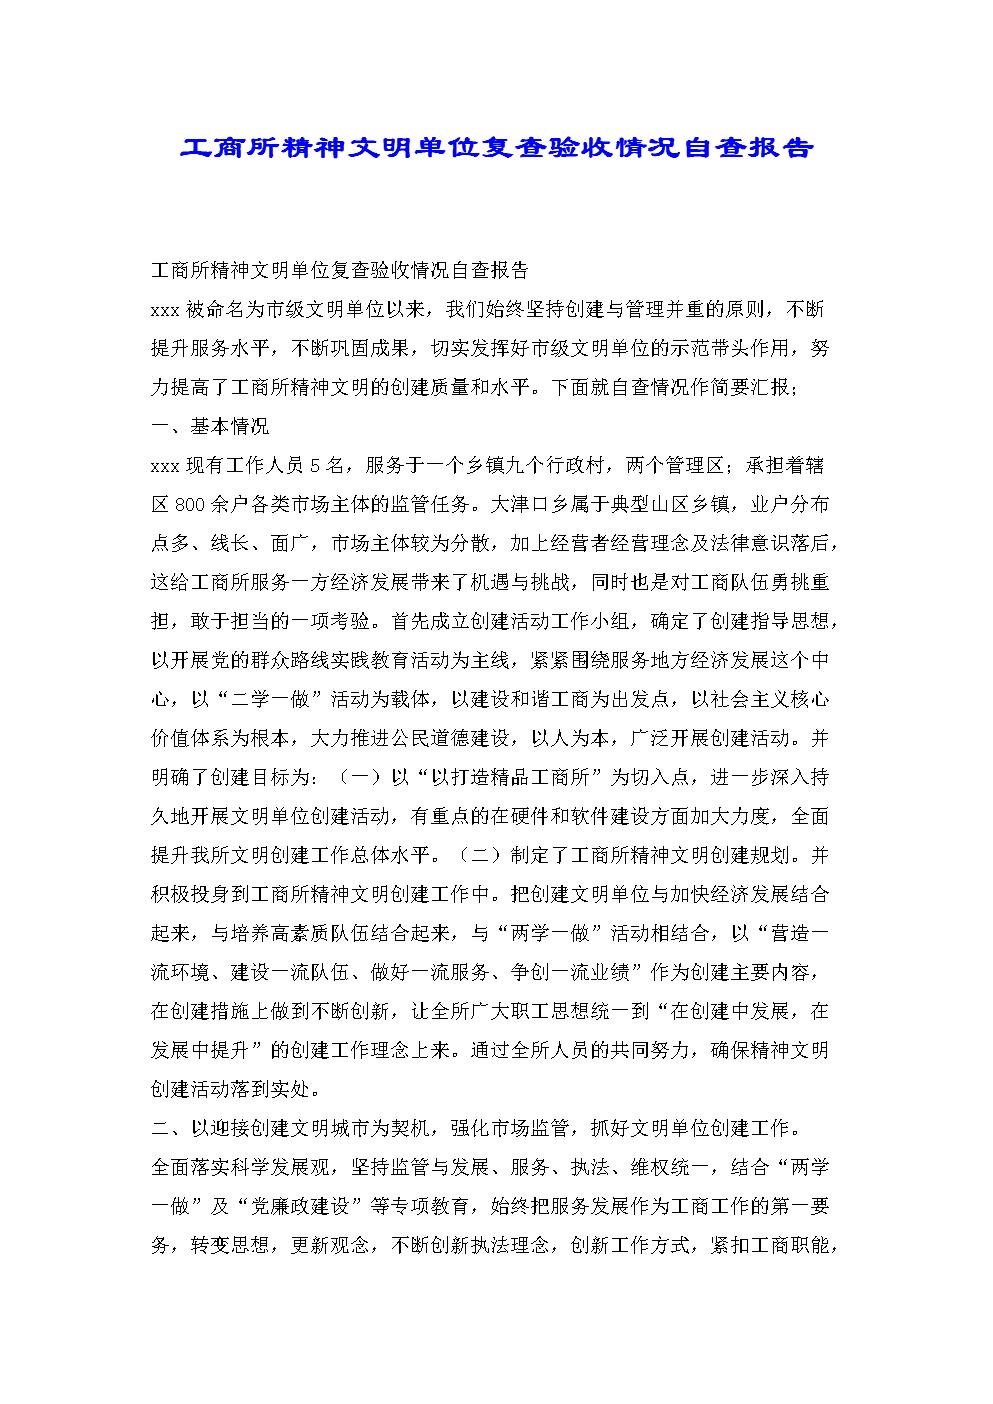 工商所精神文明单位复查验收情况自查报告.docx